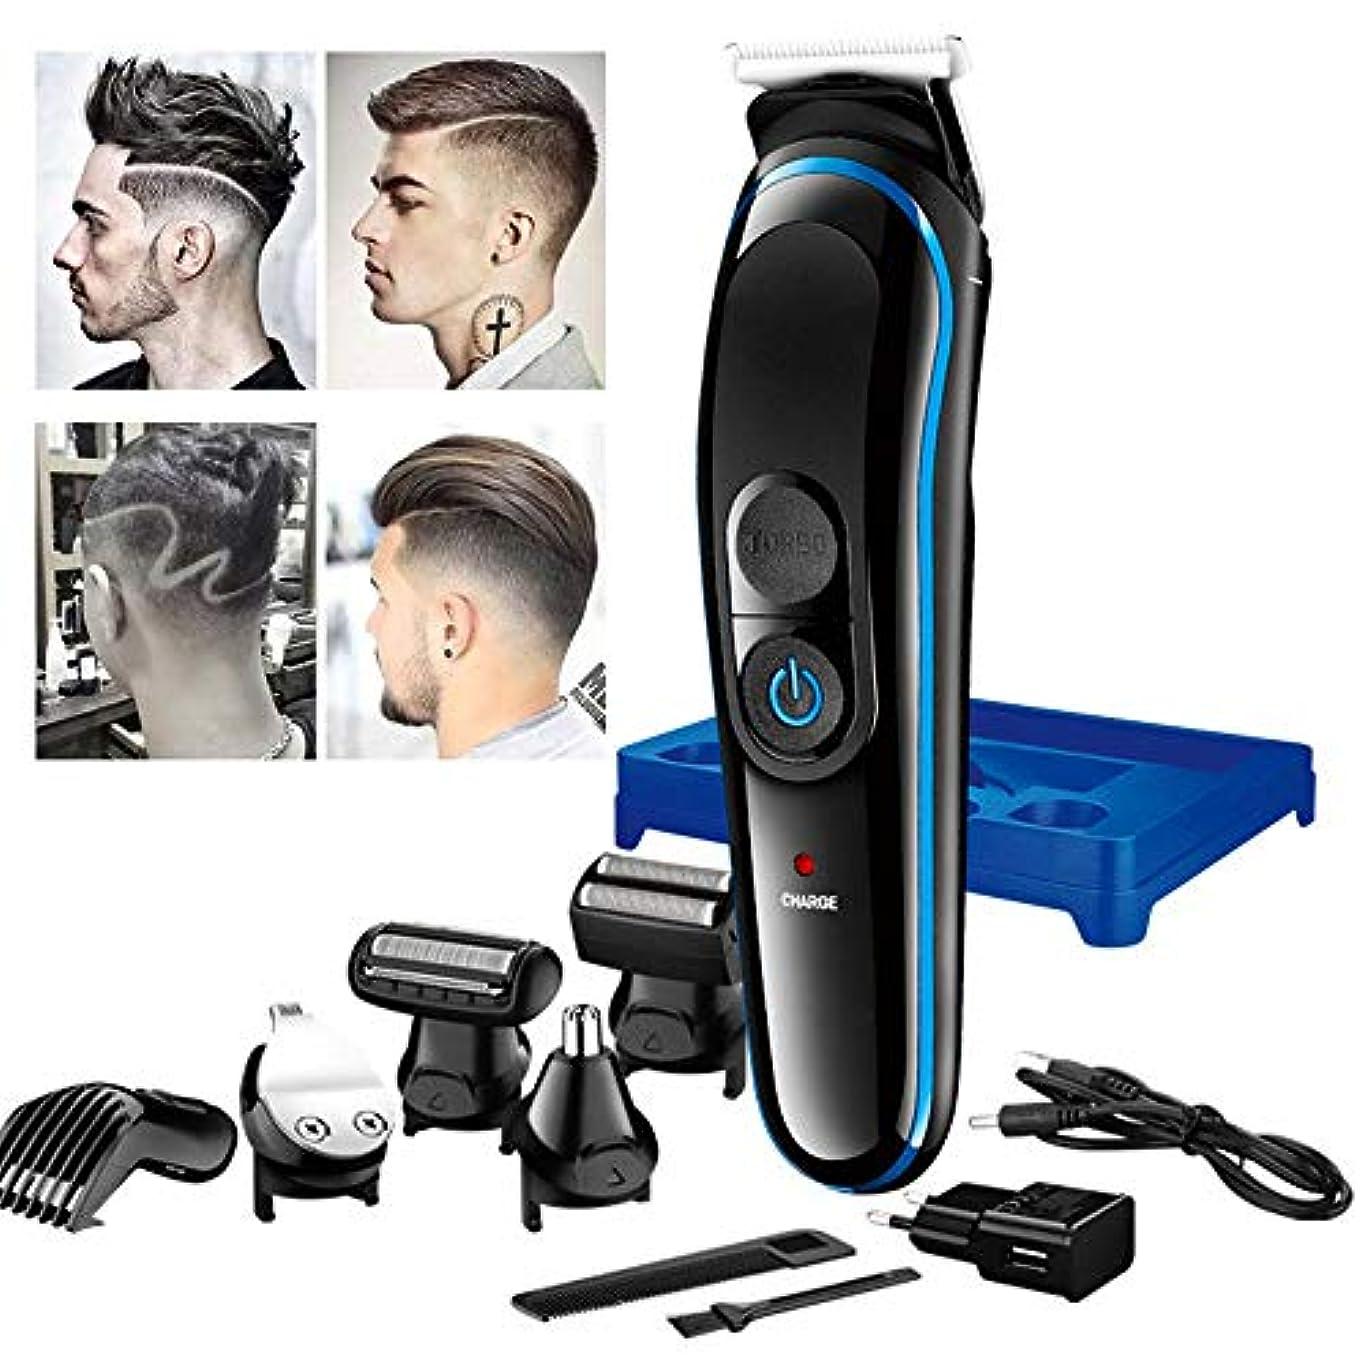 タービン世界介入するバリカンプロフェッショナルメンズ5-in-1コードレスヘアトリマーひげ剃り機電気ヘアクリップキット超低ノイズ充電式